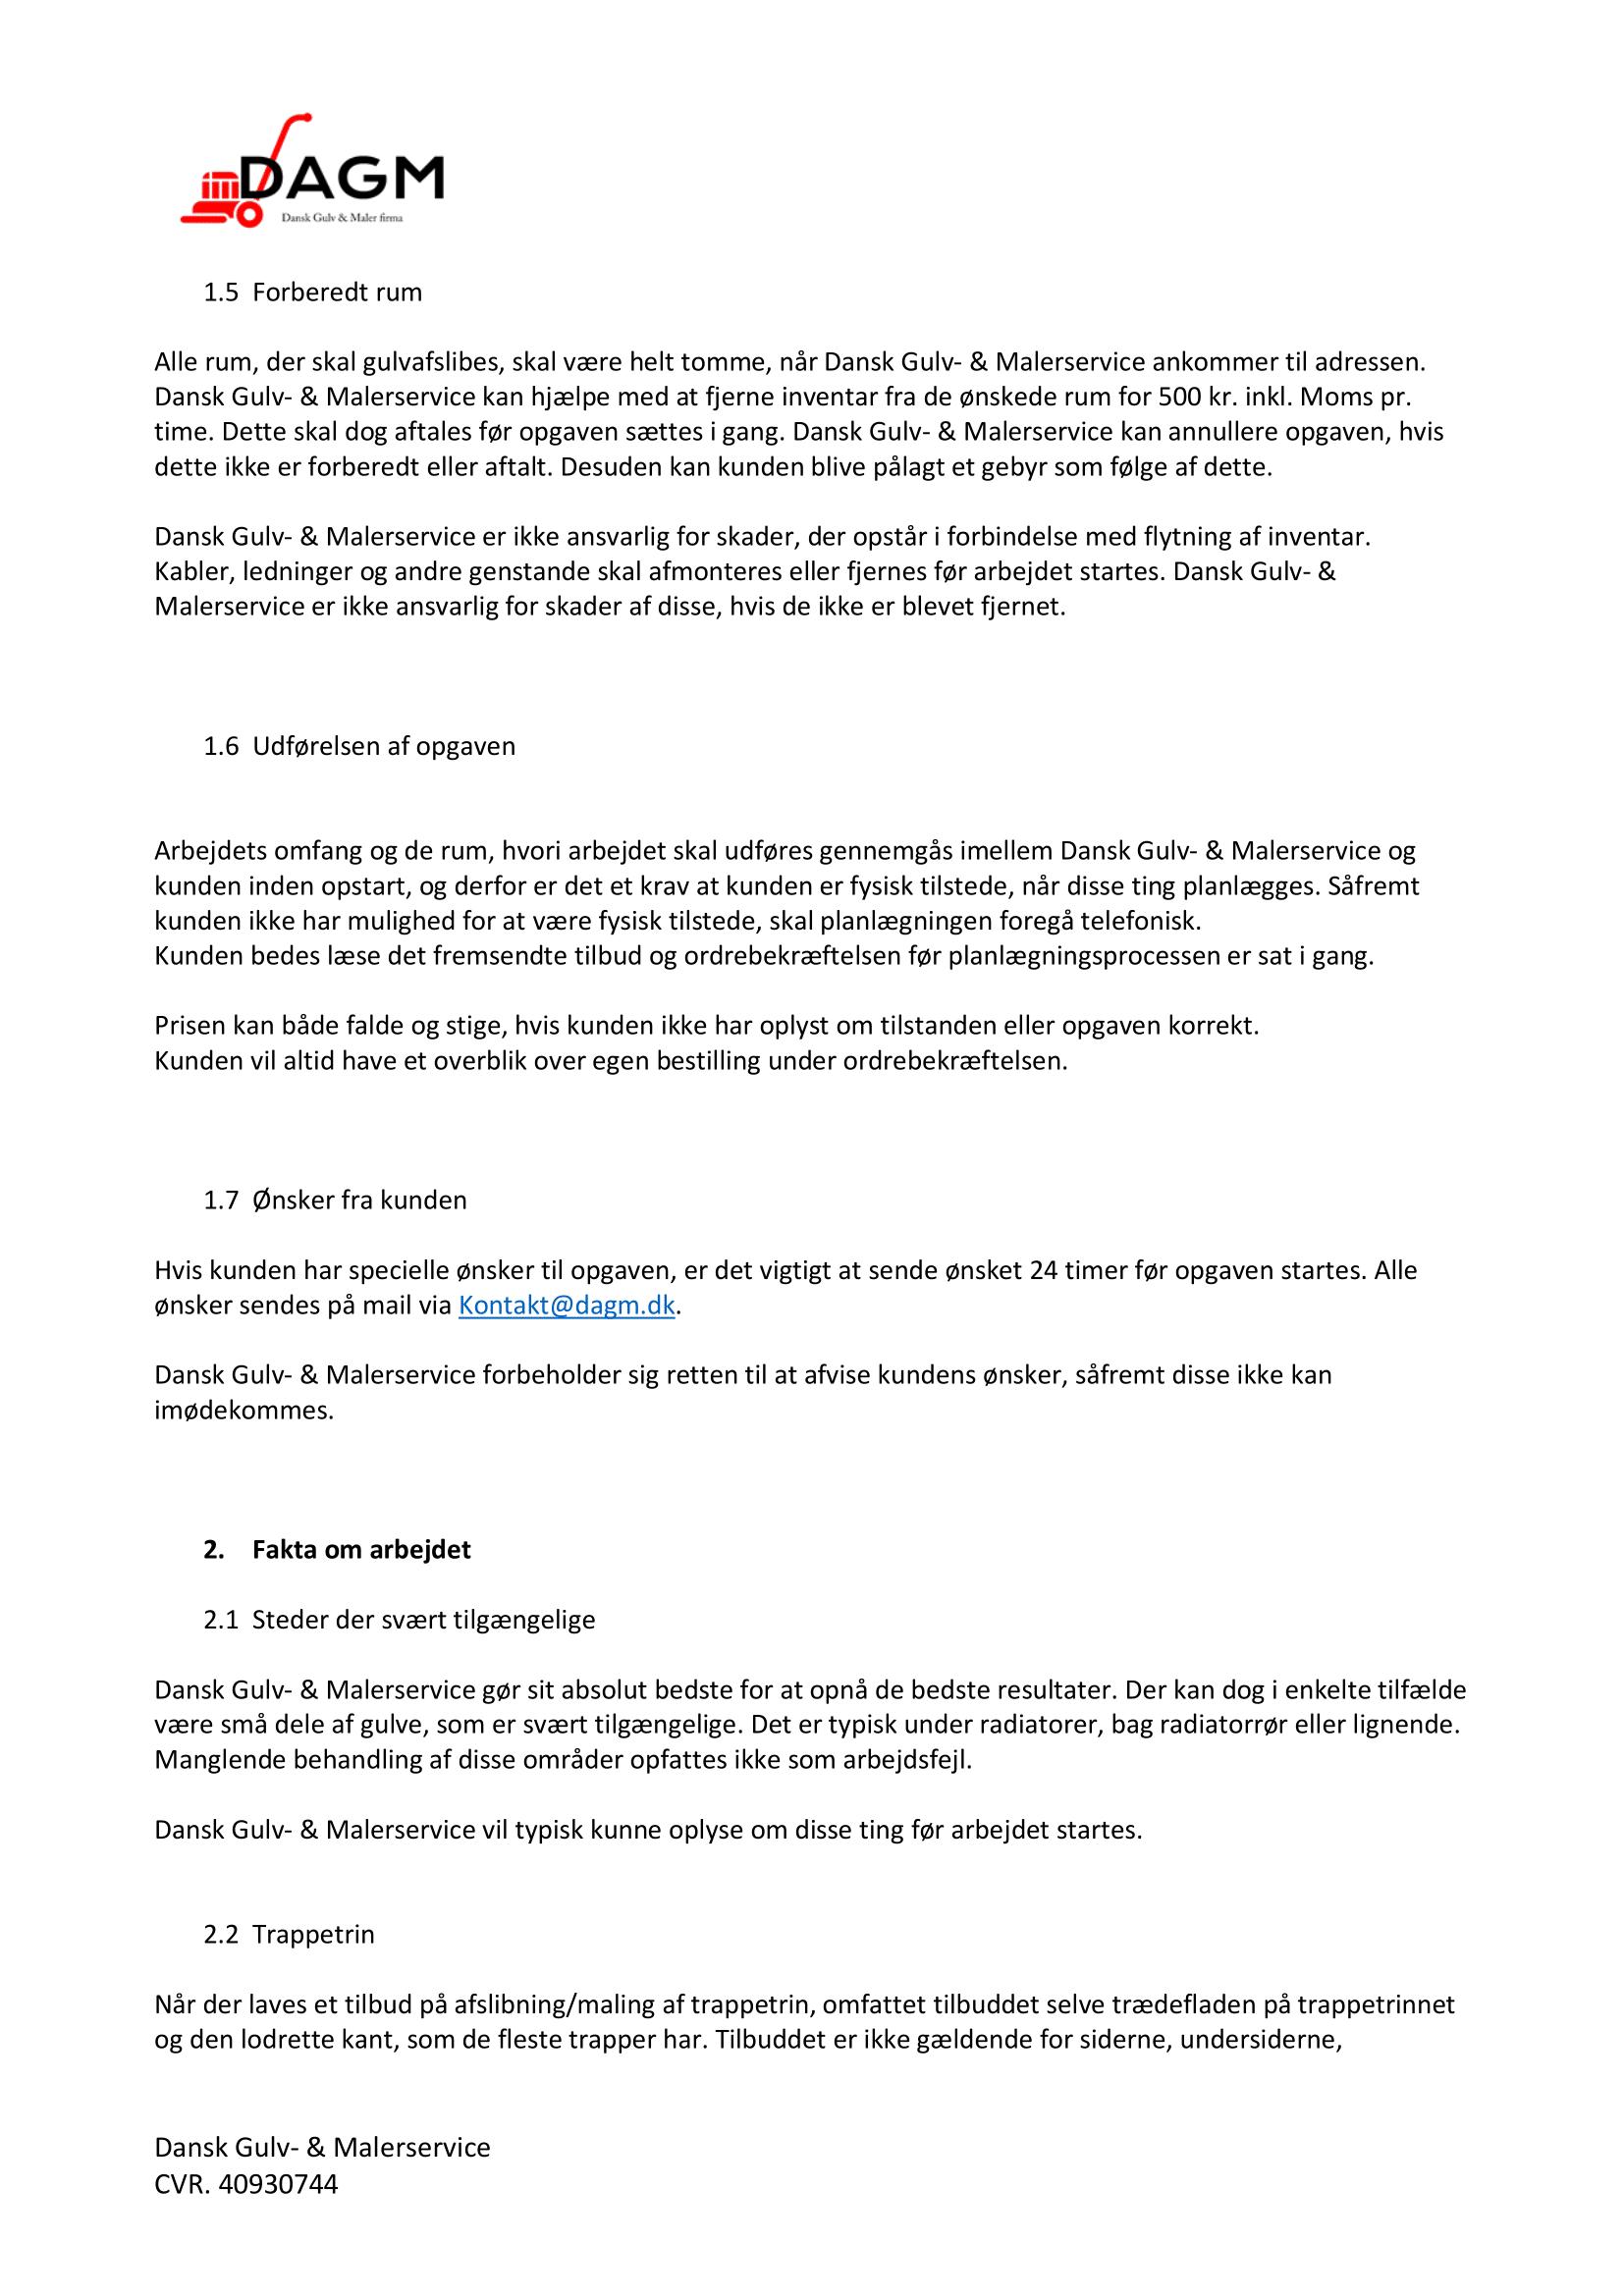 Arbejdsbetingelser-2